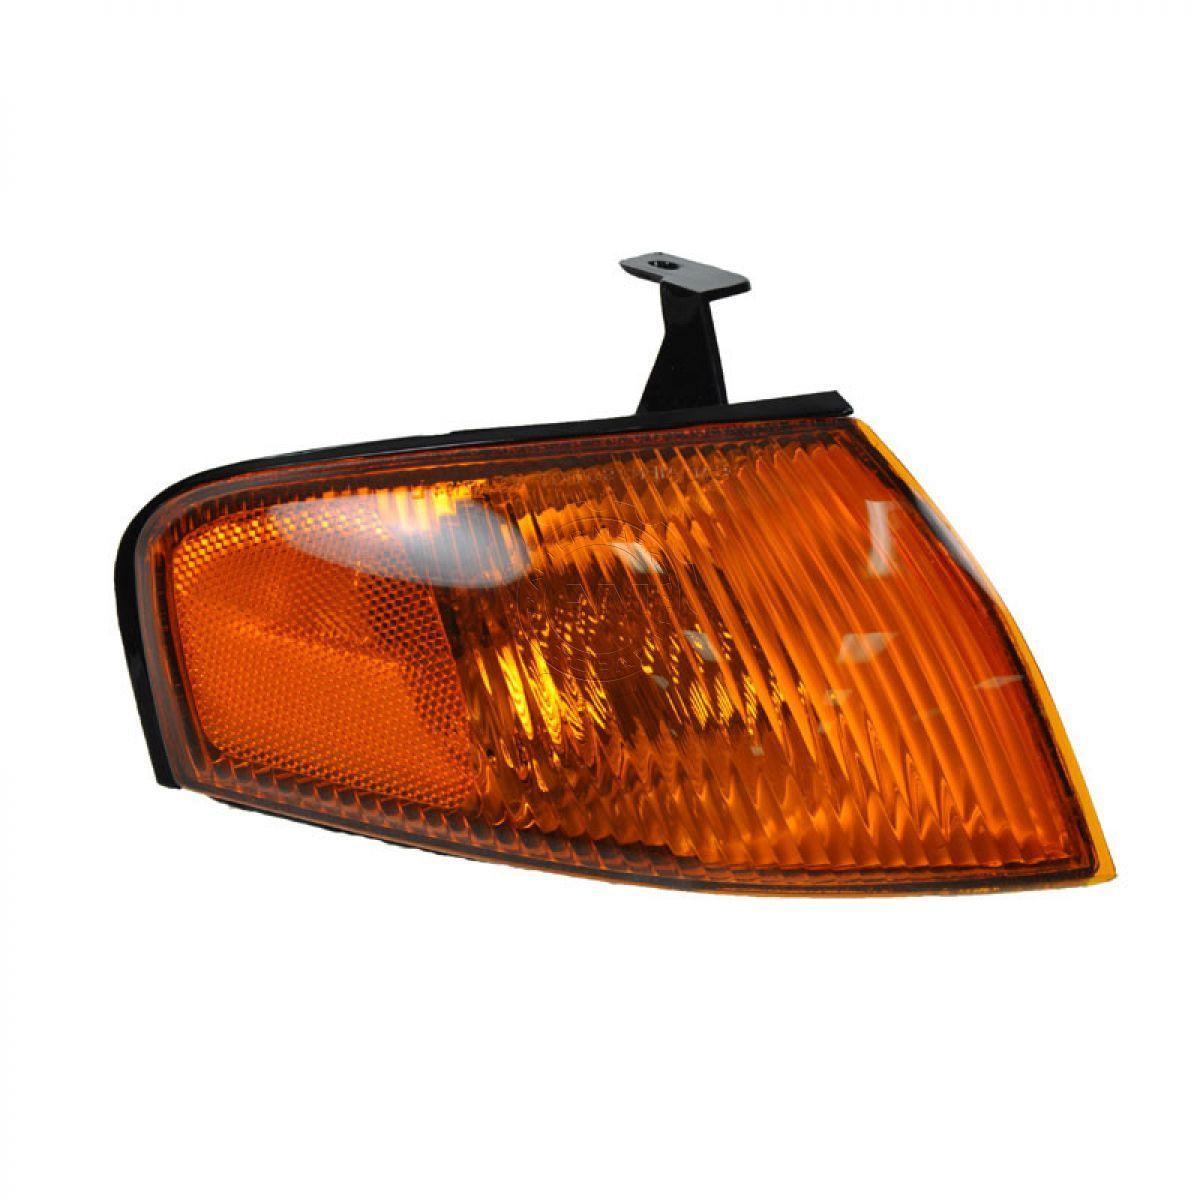 コーナーライト Side Corner Marker Parking Light Lamp Passenger Side Right RH for 97-98 Protege サイドコーナーマーカーパーキングライトランプ助手席側右RH(97-98プロテーゼ用)